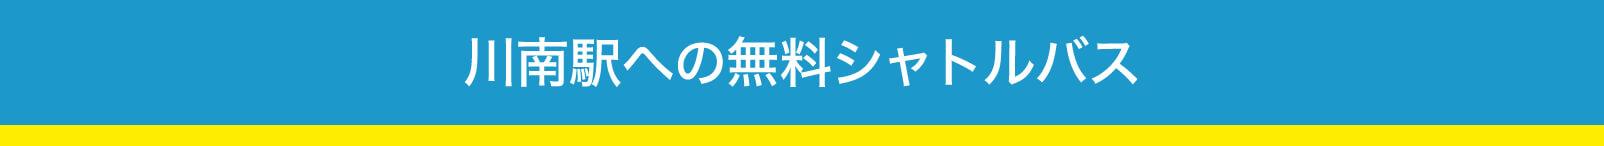 川南駅への無料シャトルバス